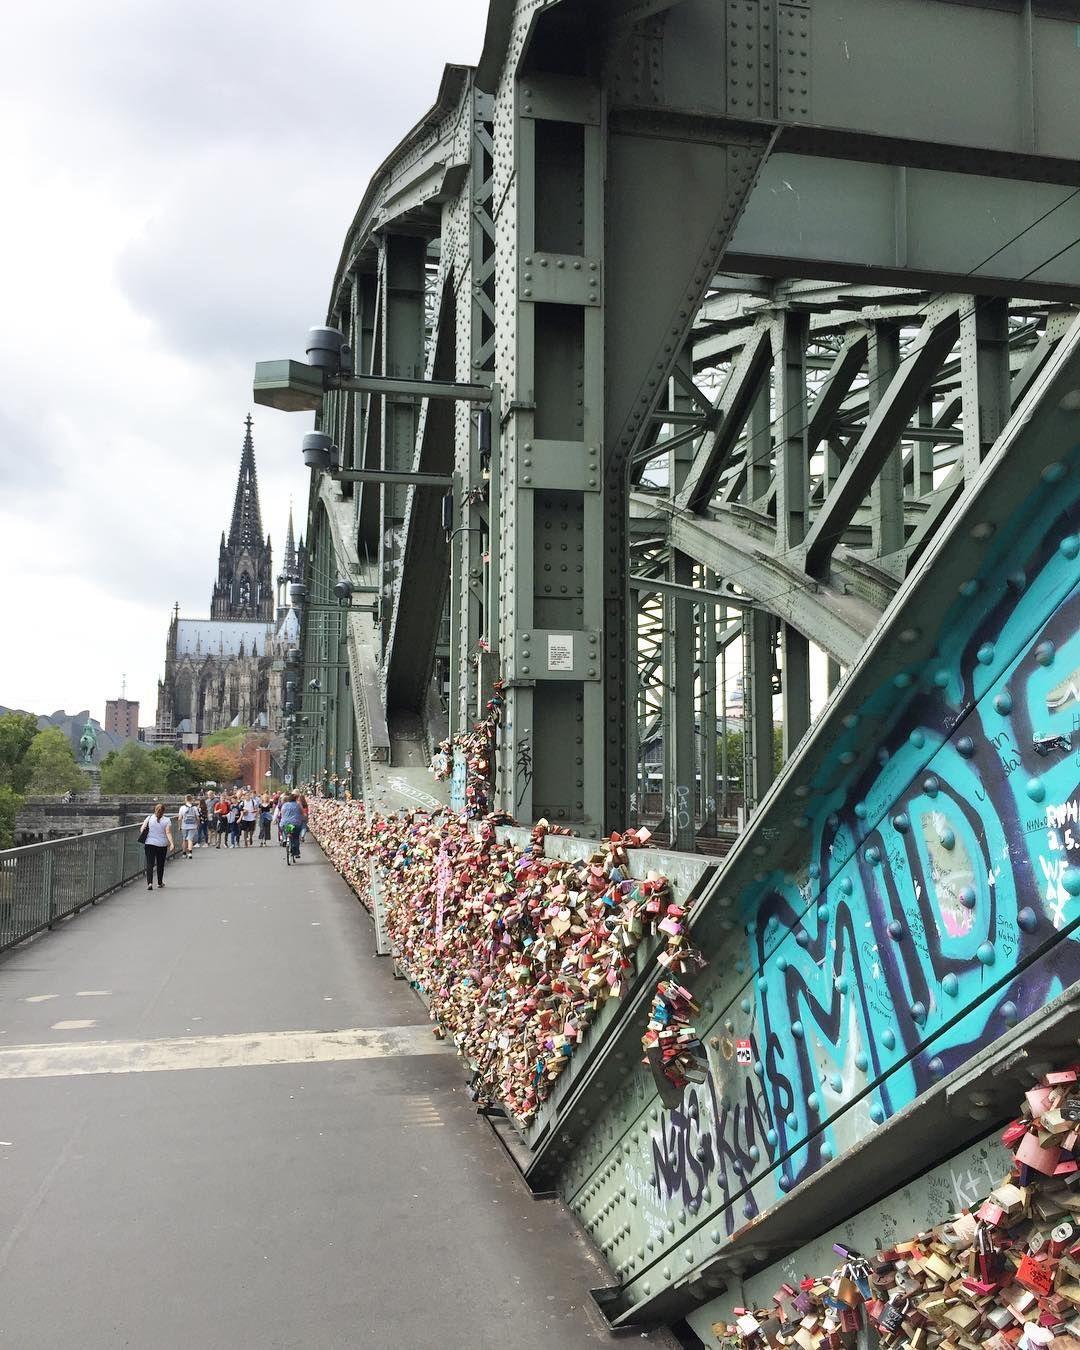 Petit saut estival à Cologne depuis hier. Je découvre avec